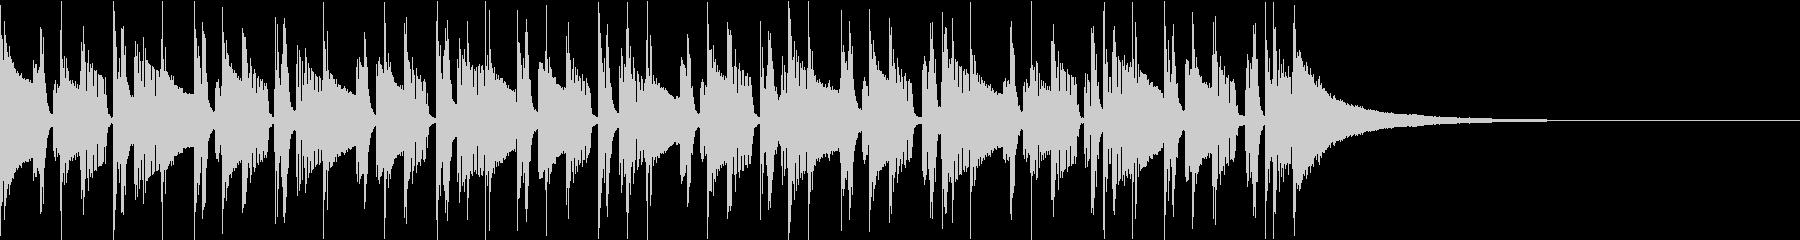 緩めのリズムに印象的なベルの音色の未再生の波形